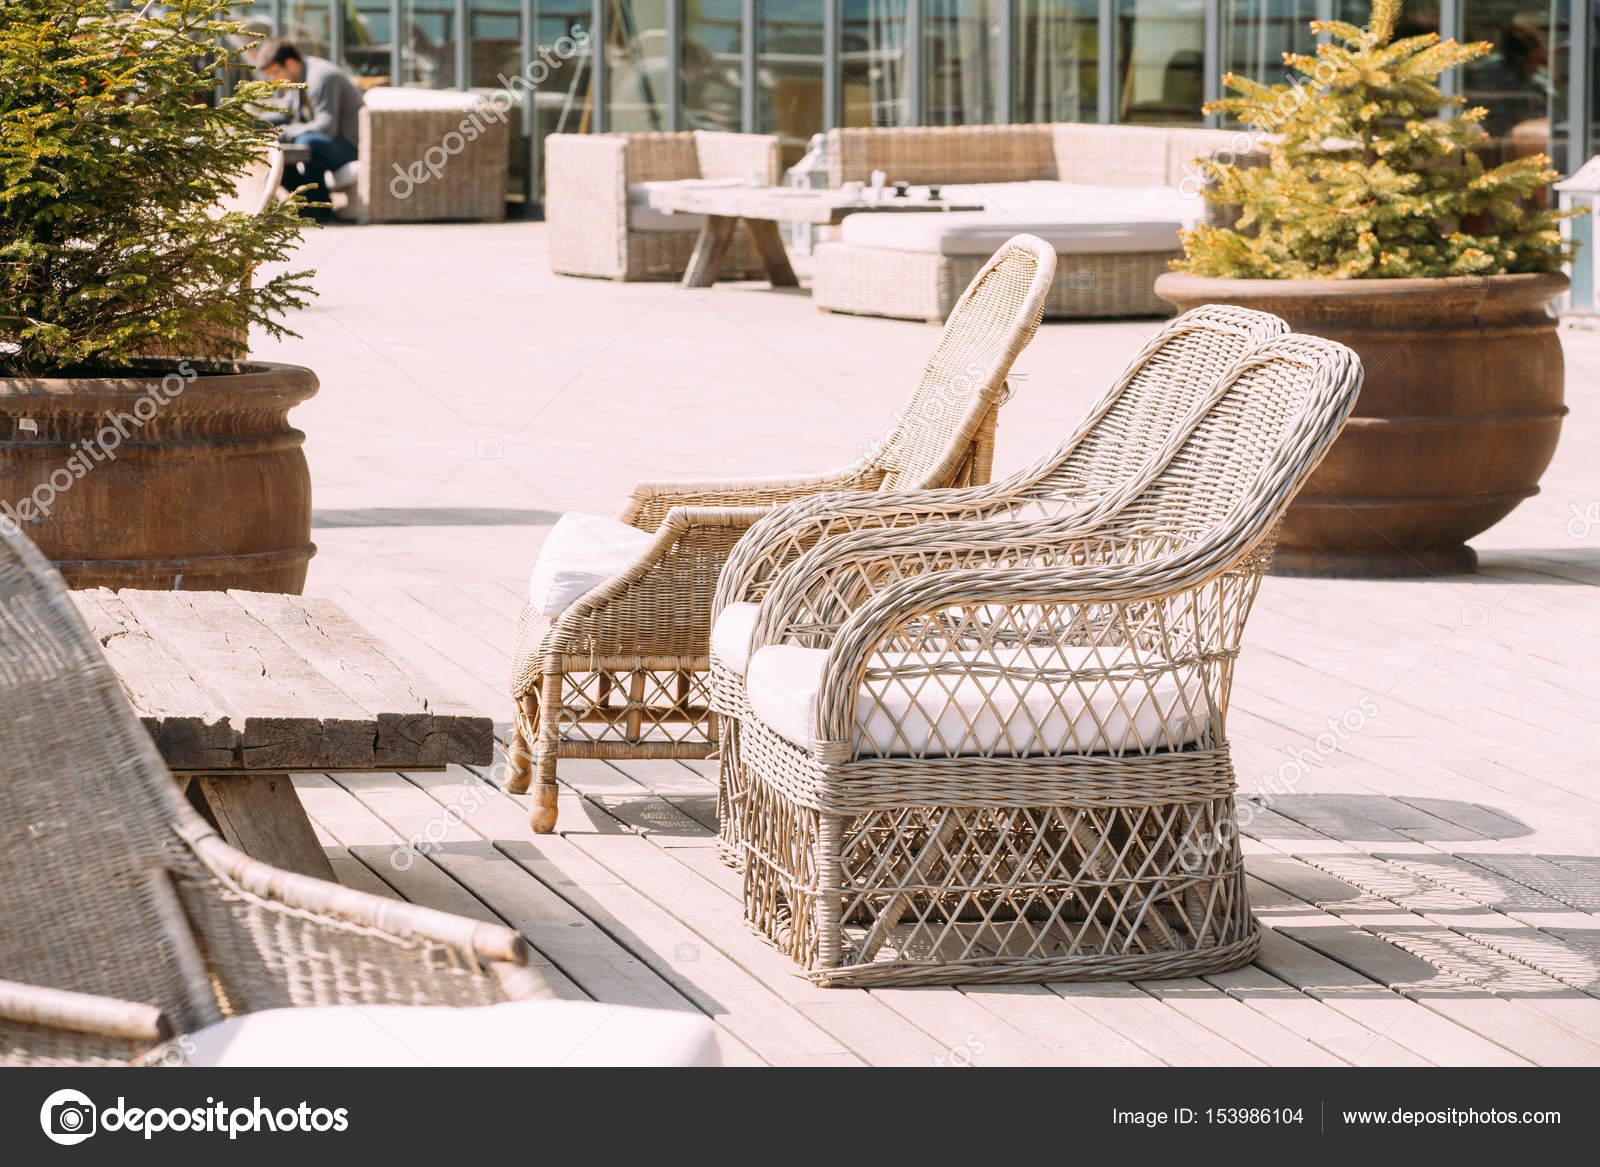 Houten Balkon Meubels : Rieten meubels op balkon op zonnige dag. home exterieur met stoelen